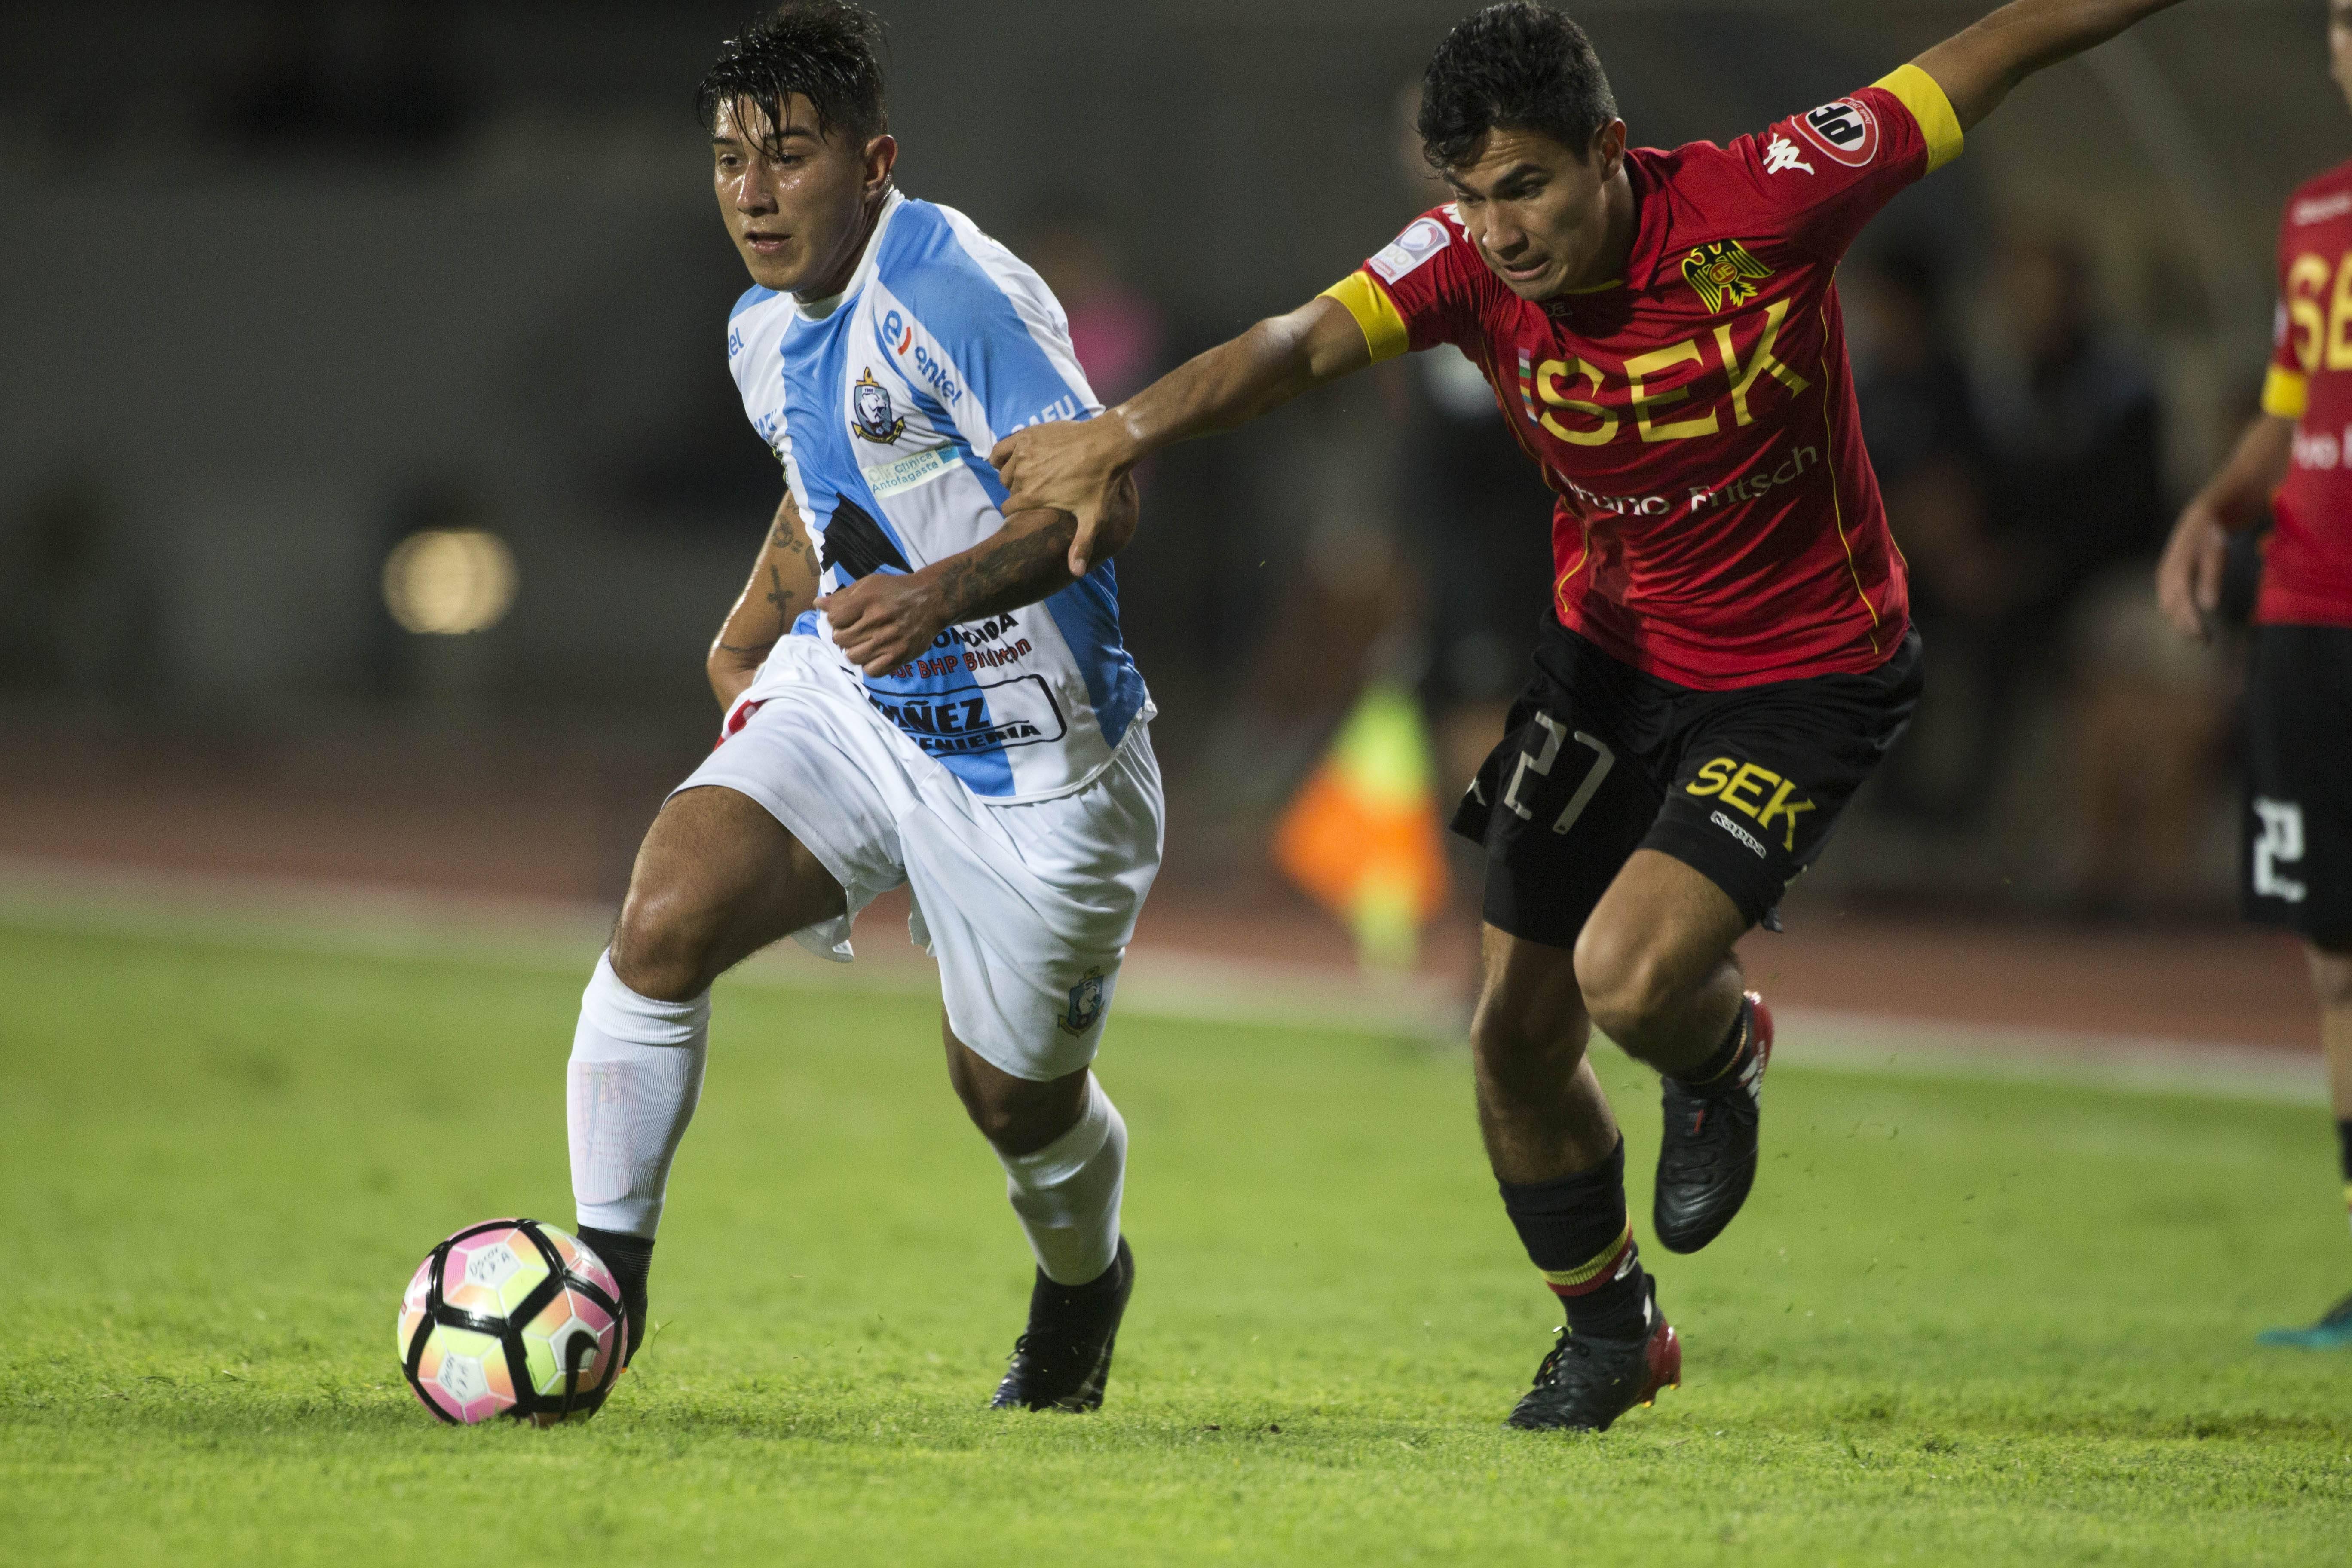 Dino Agote (Deportes Antofagasta): 780 minutos en el Clausura Dino Agote (Deportes Antofagasta): 780 minutos en el Clausura